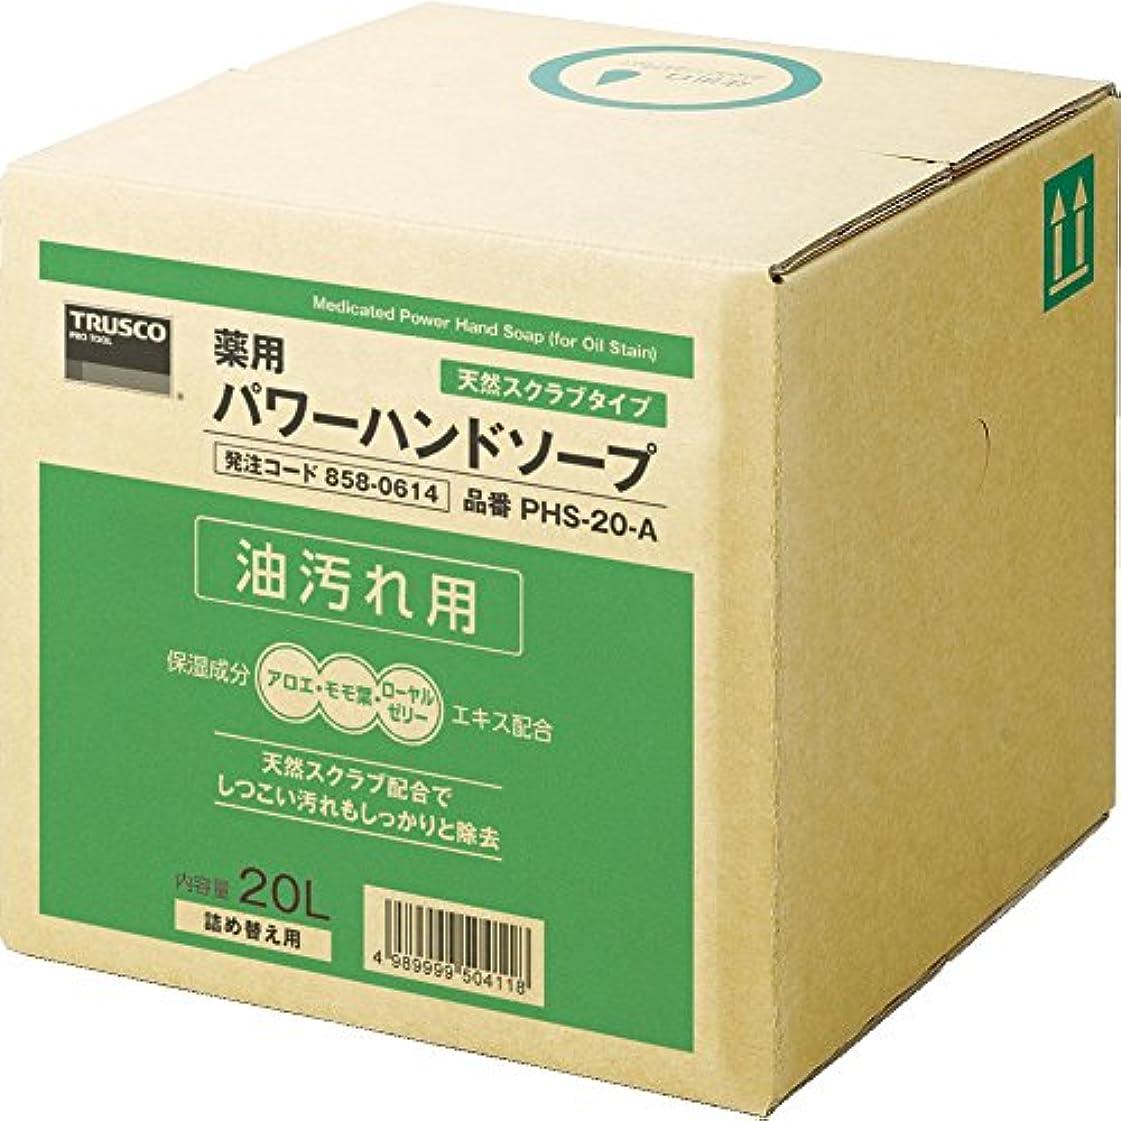 批判的に使用法バンTRUSCO(トラスコ) 薬用パワーハンドソープ 20L PHS-20-A